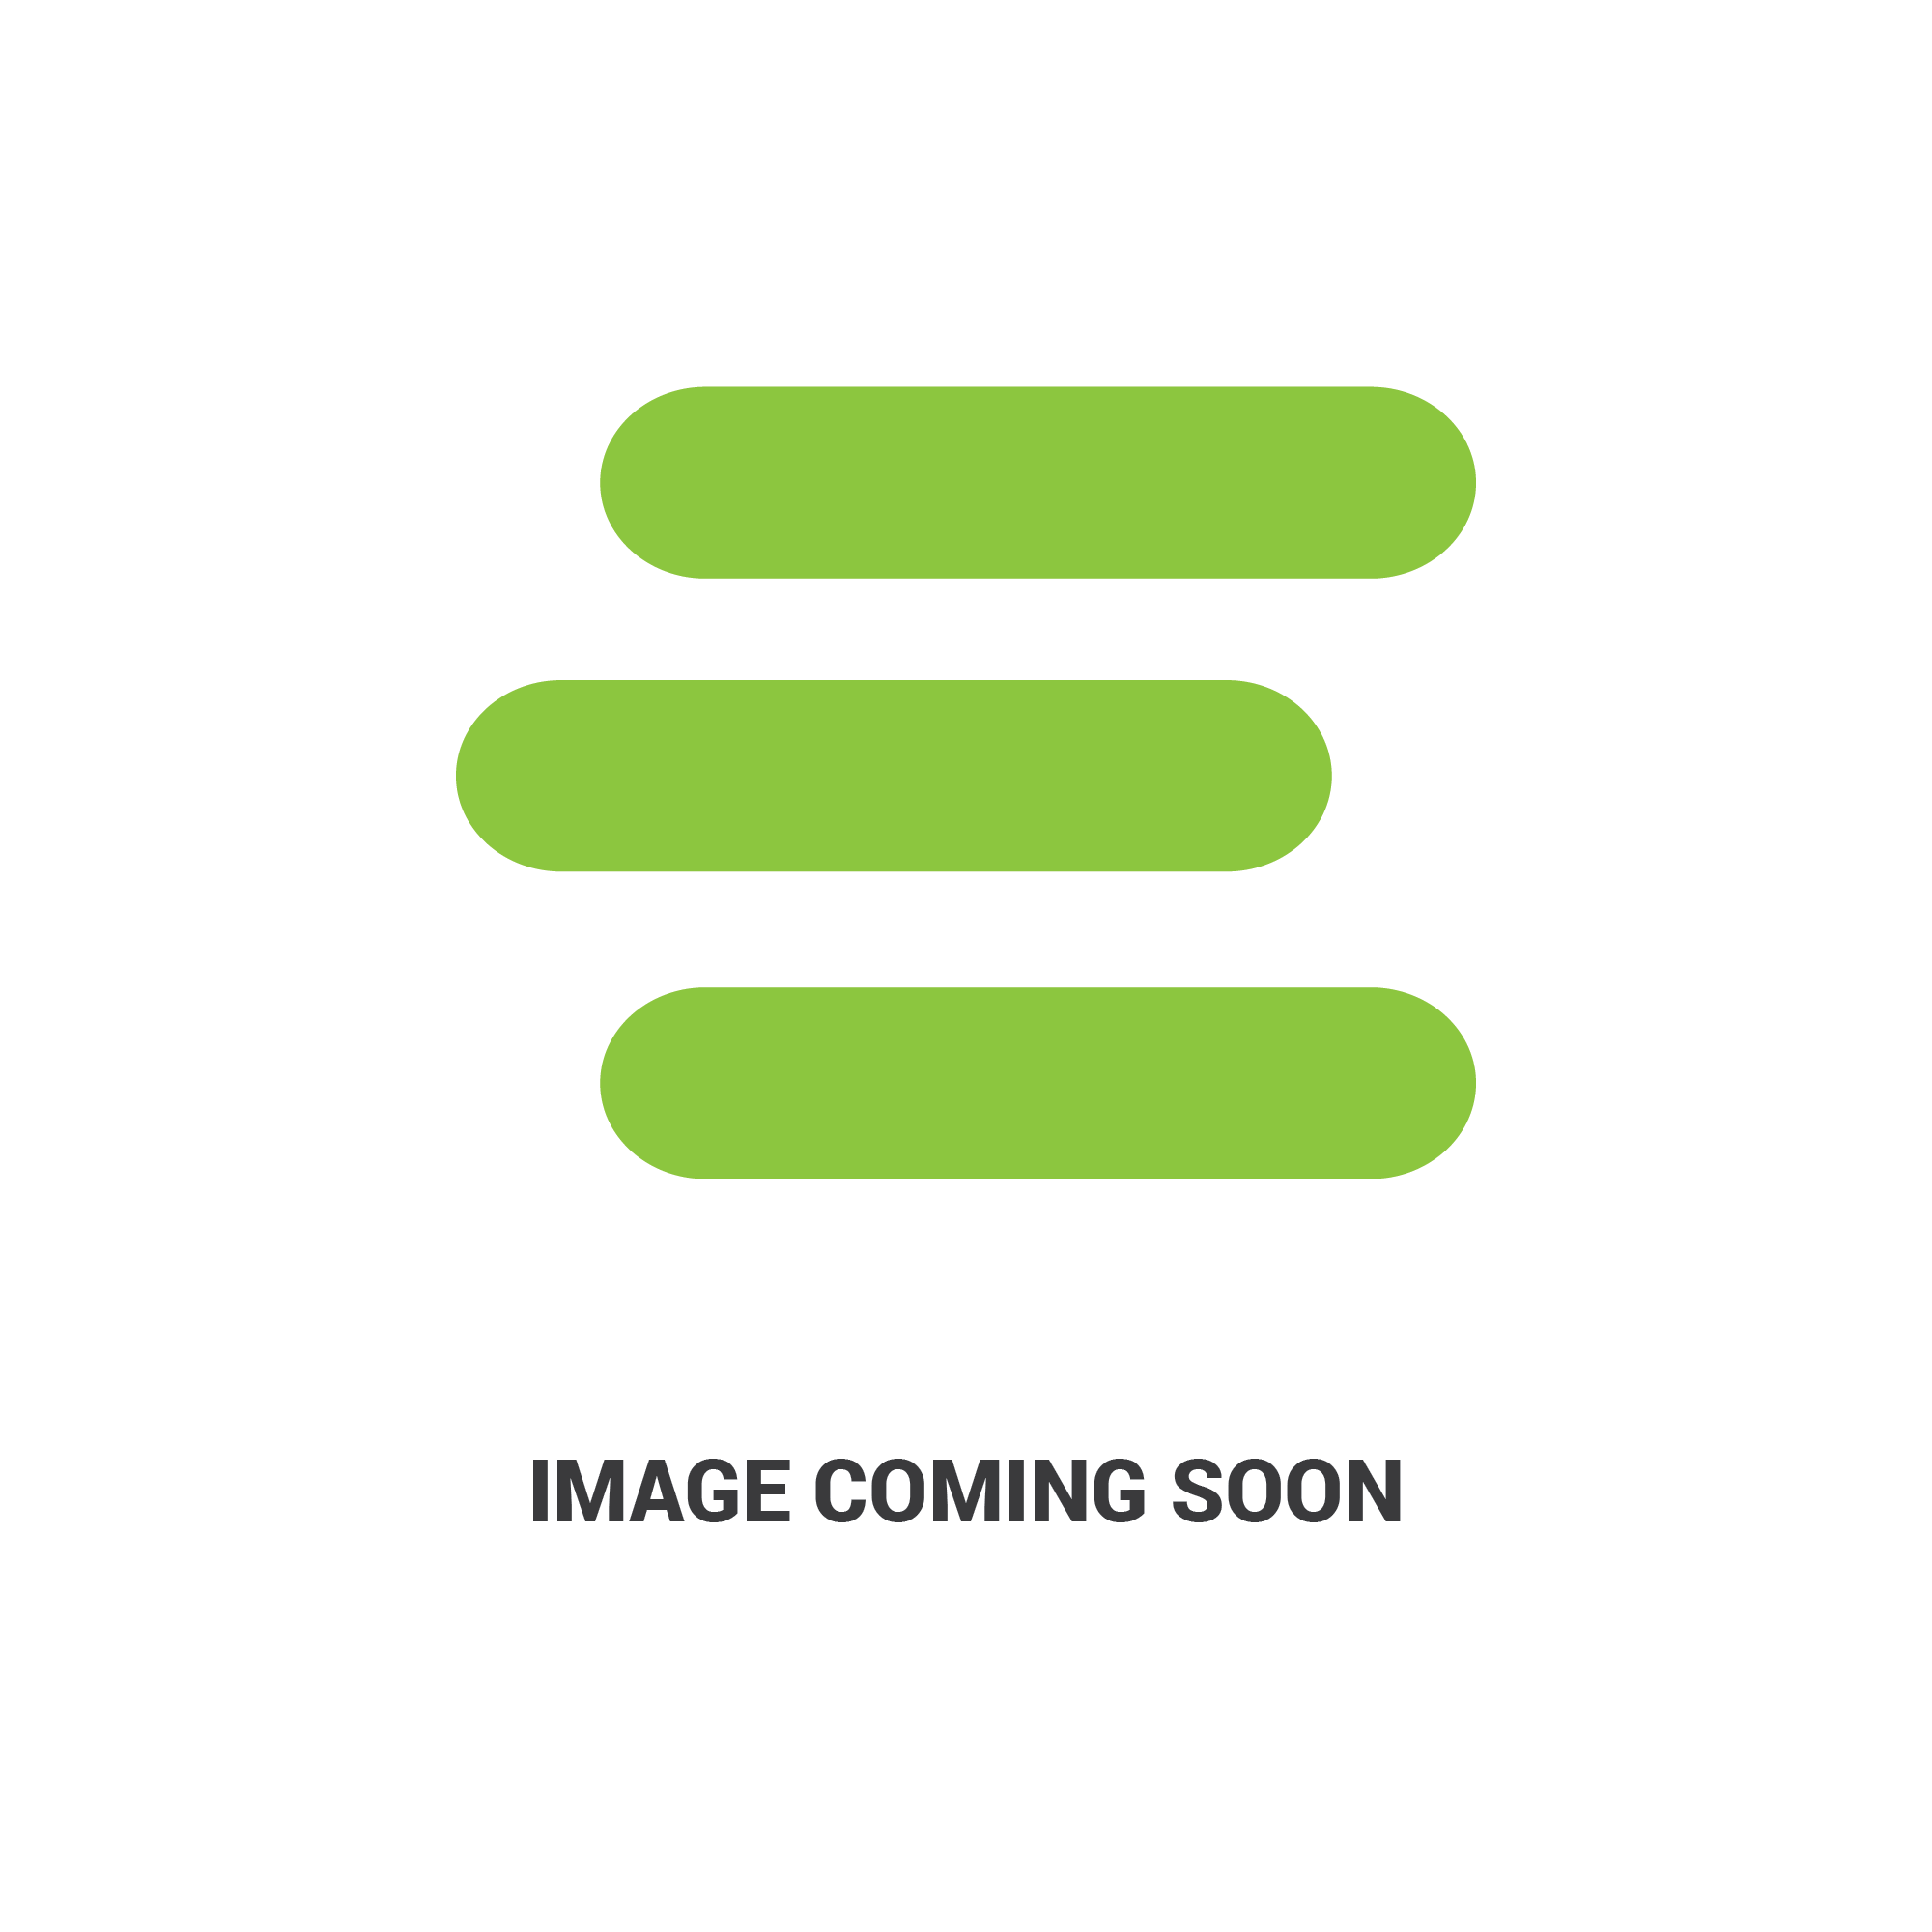 E-JDC022507_1.jpeg